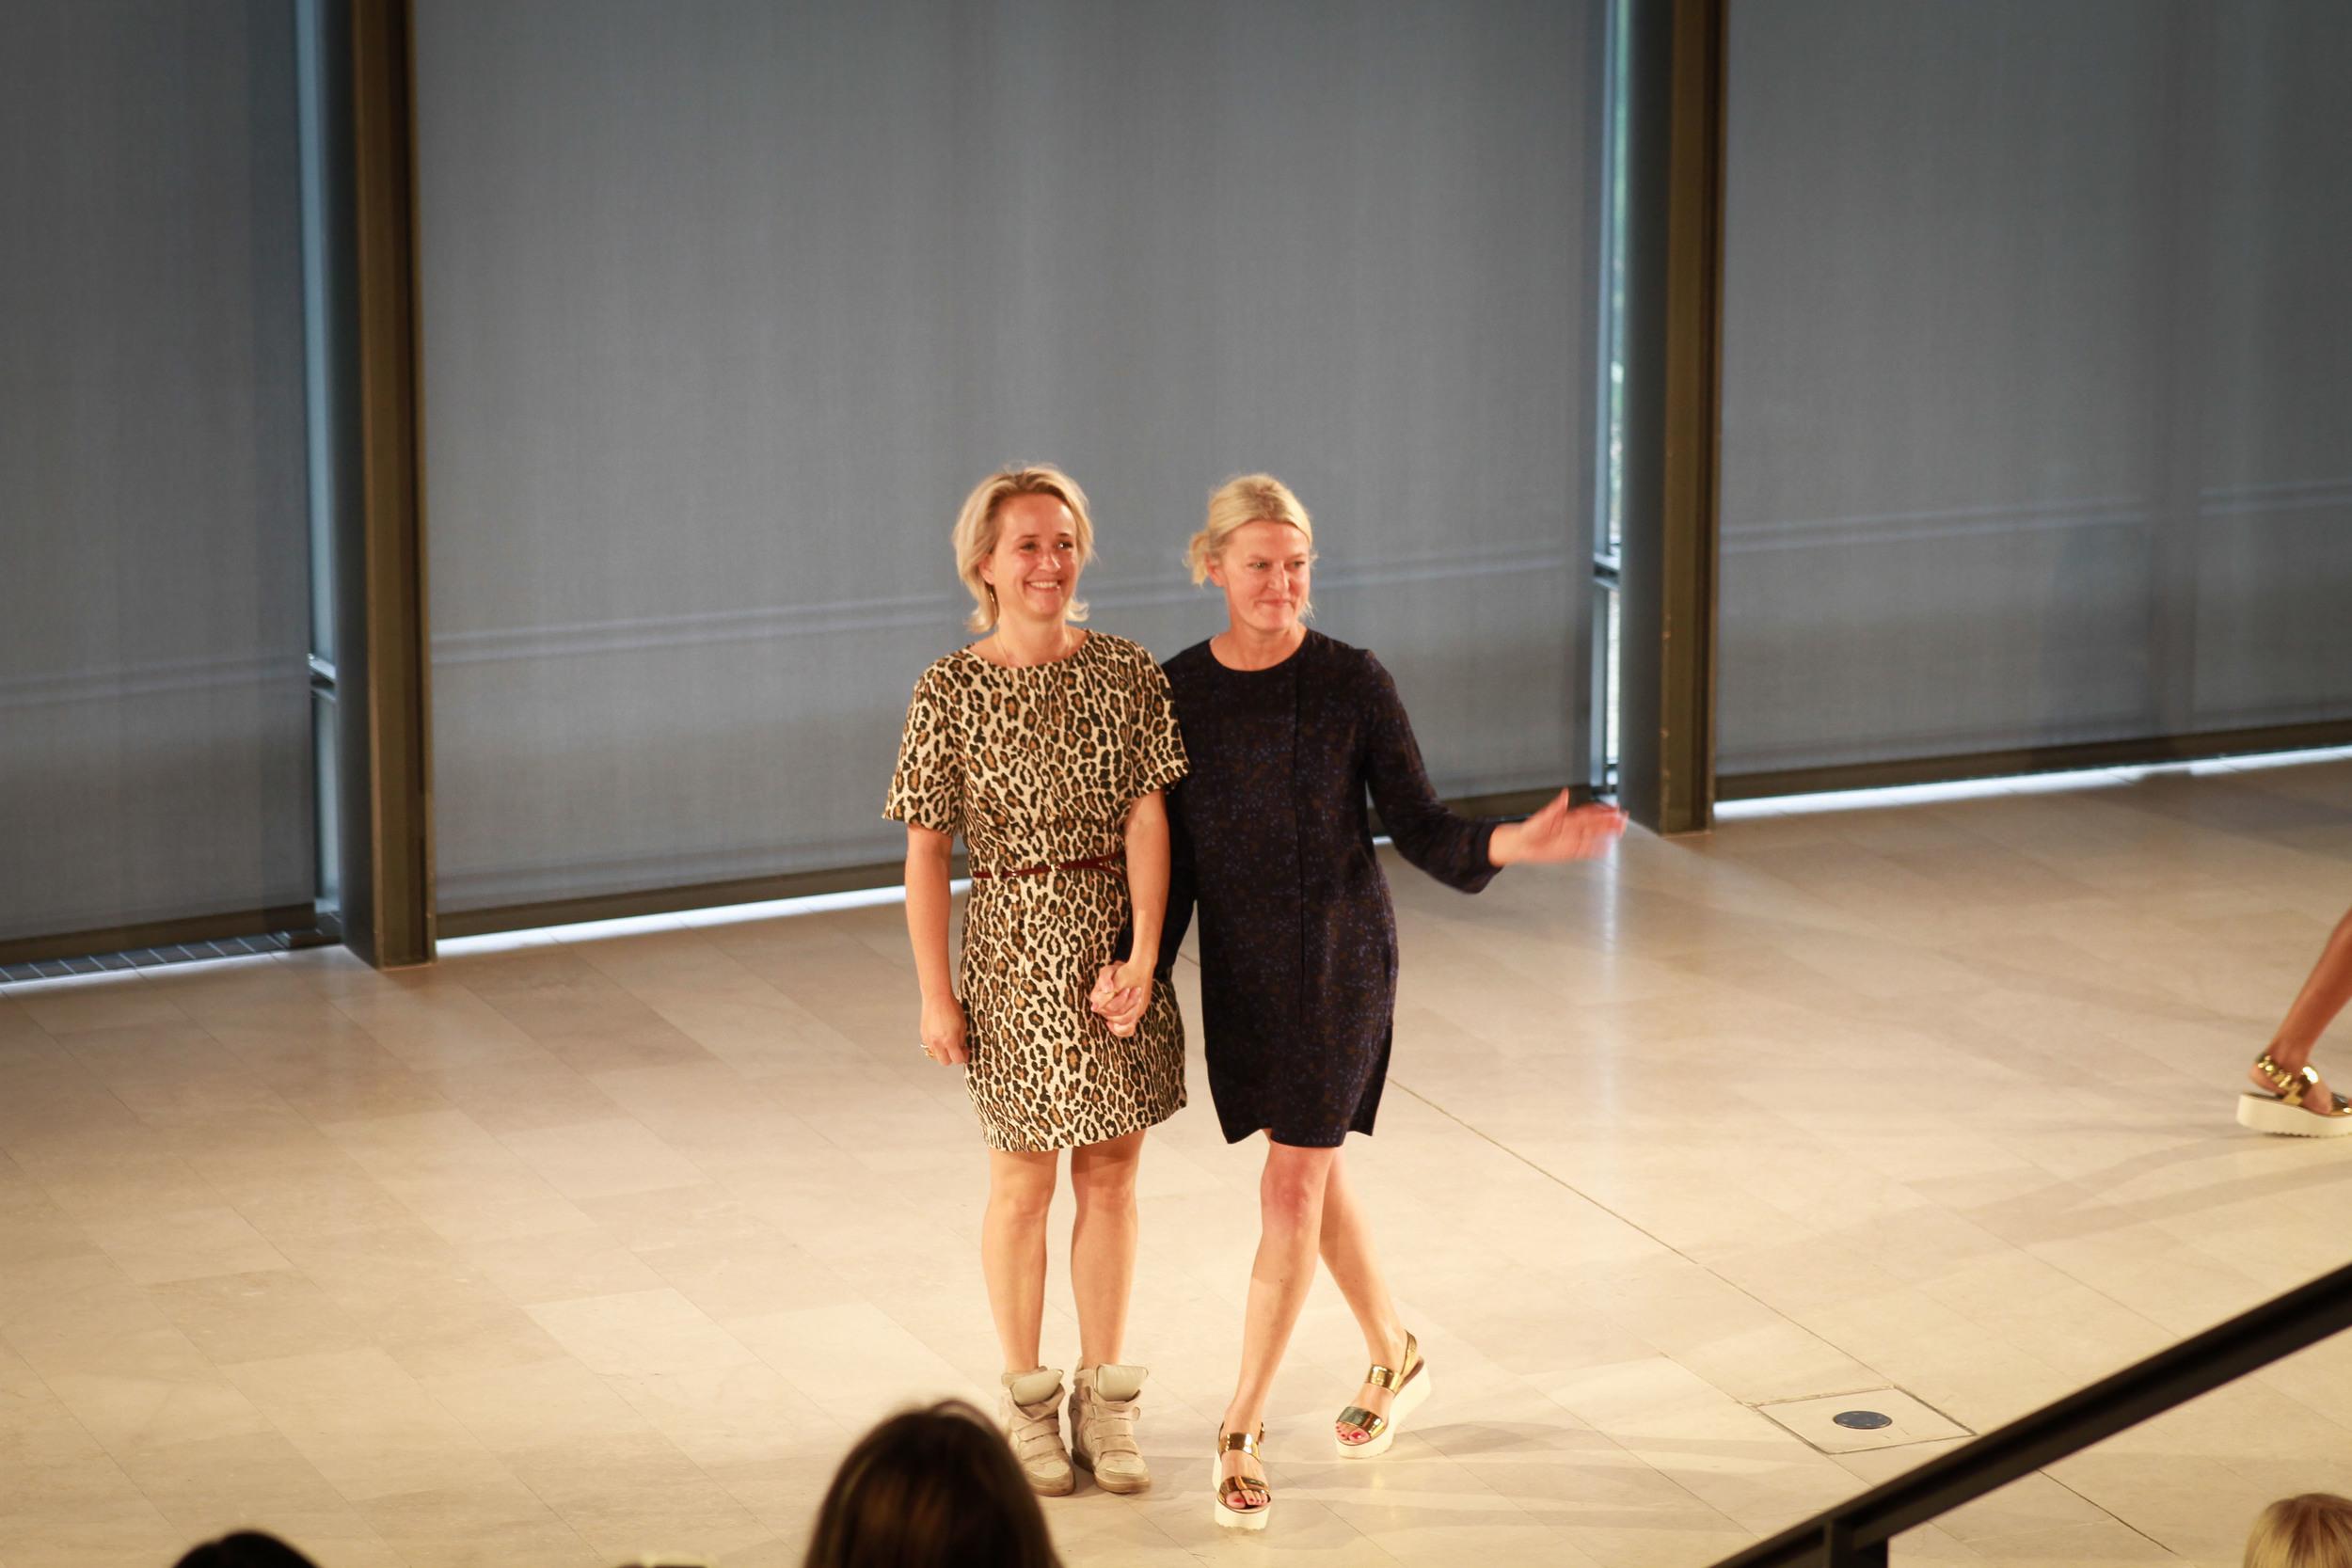 Rikke Baumgarten and Helle Hestehave